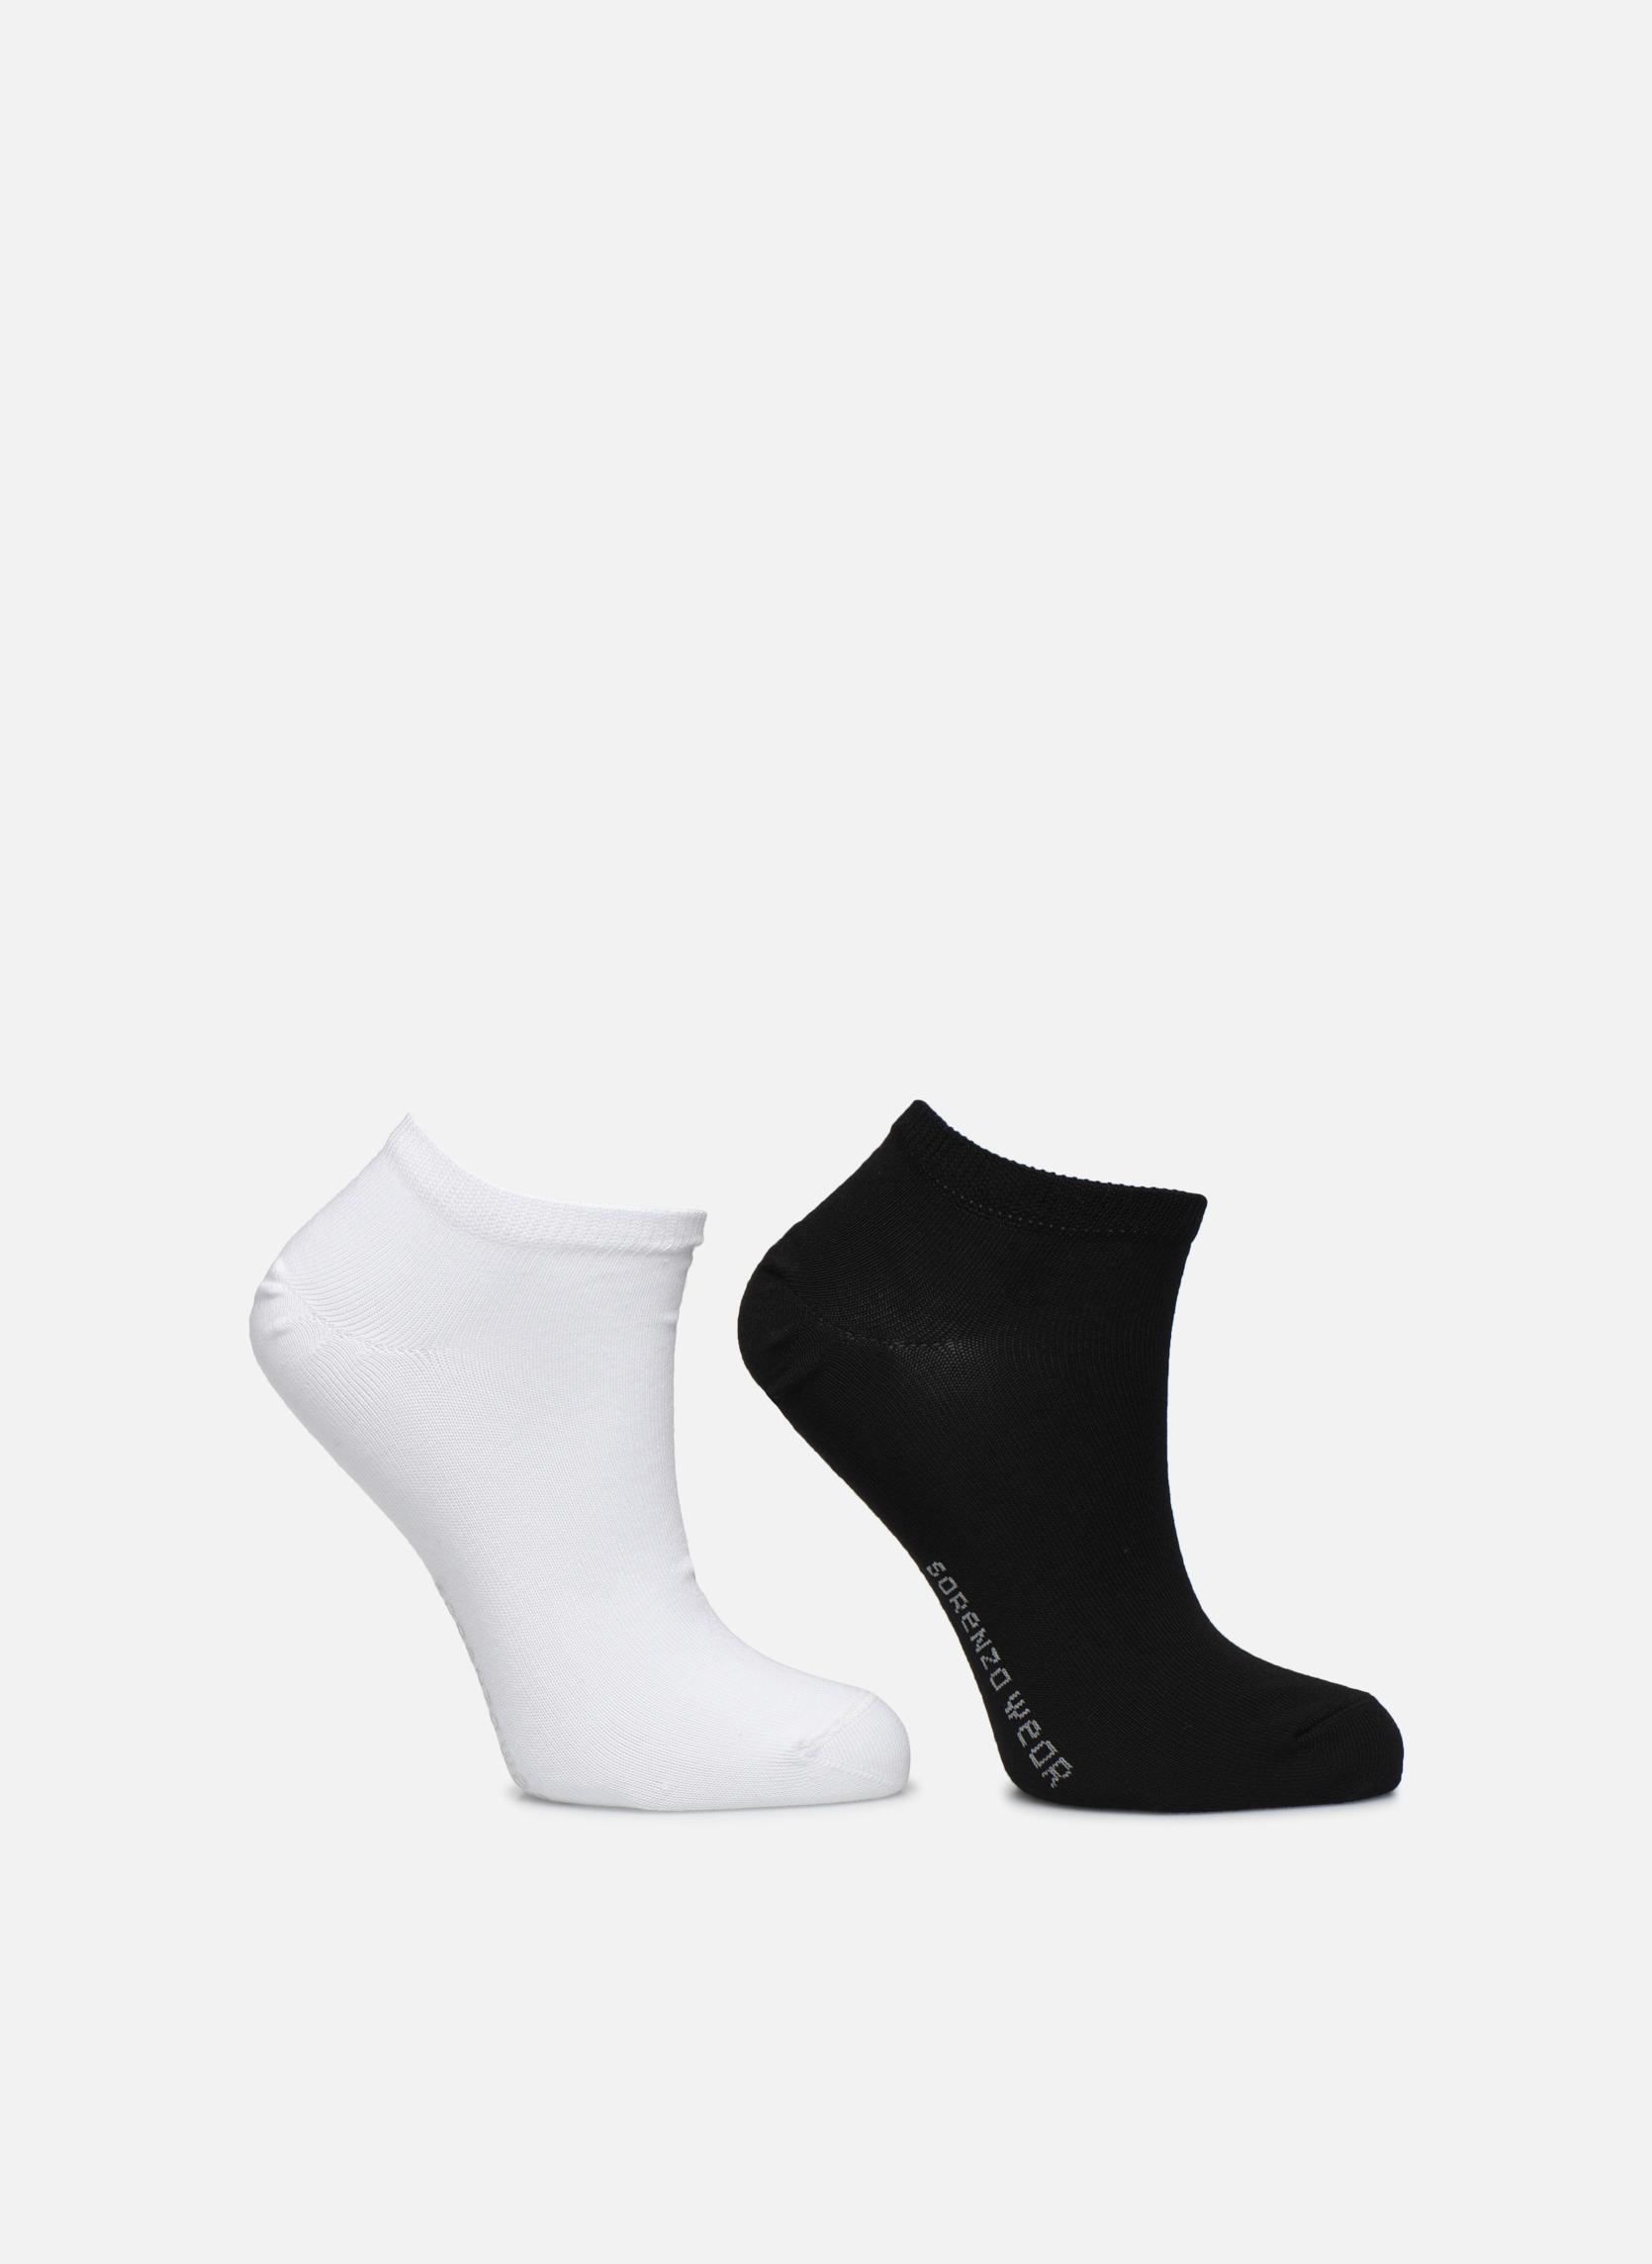 Chaussettes invisibles Femme unies Pack de 2 Coton